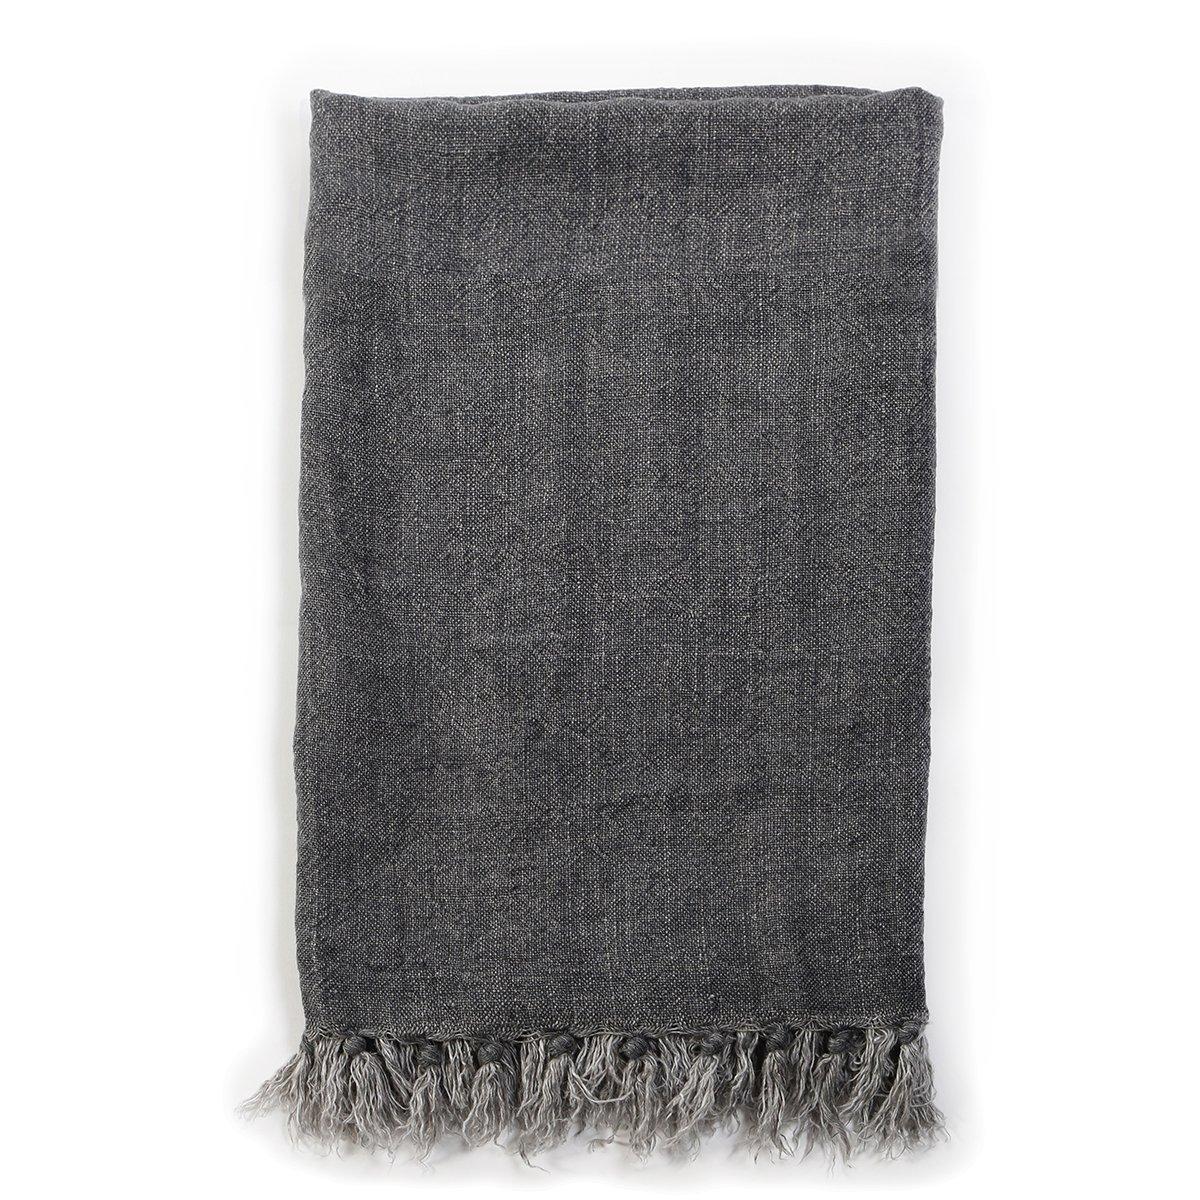 Montauk Blanket